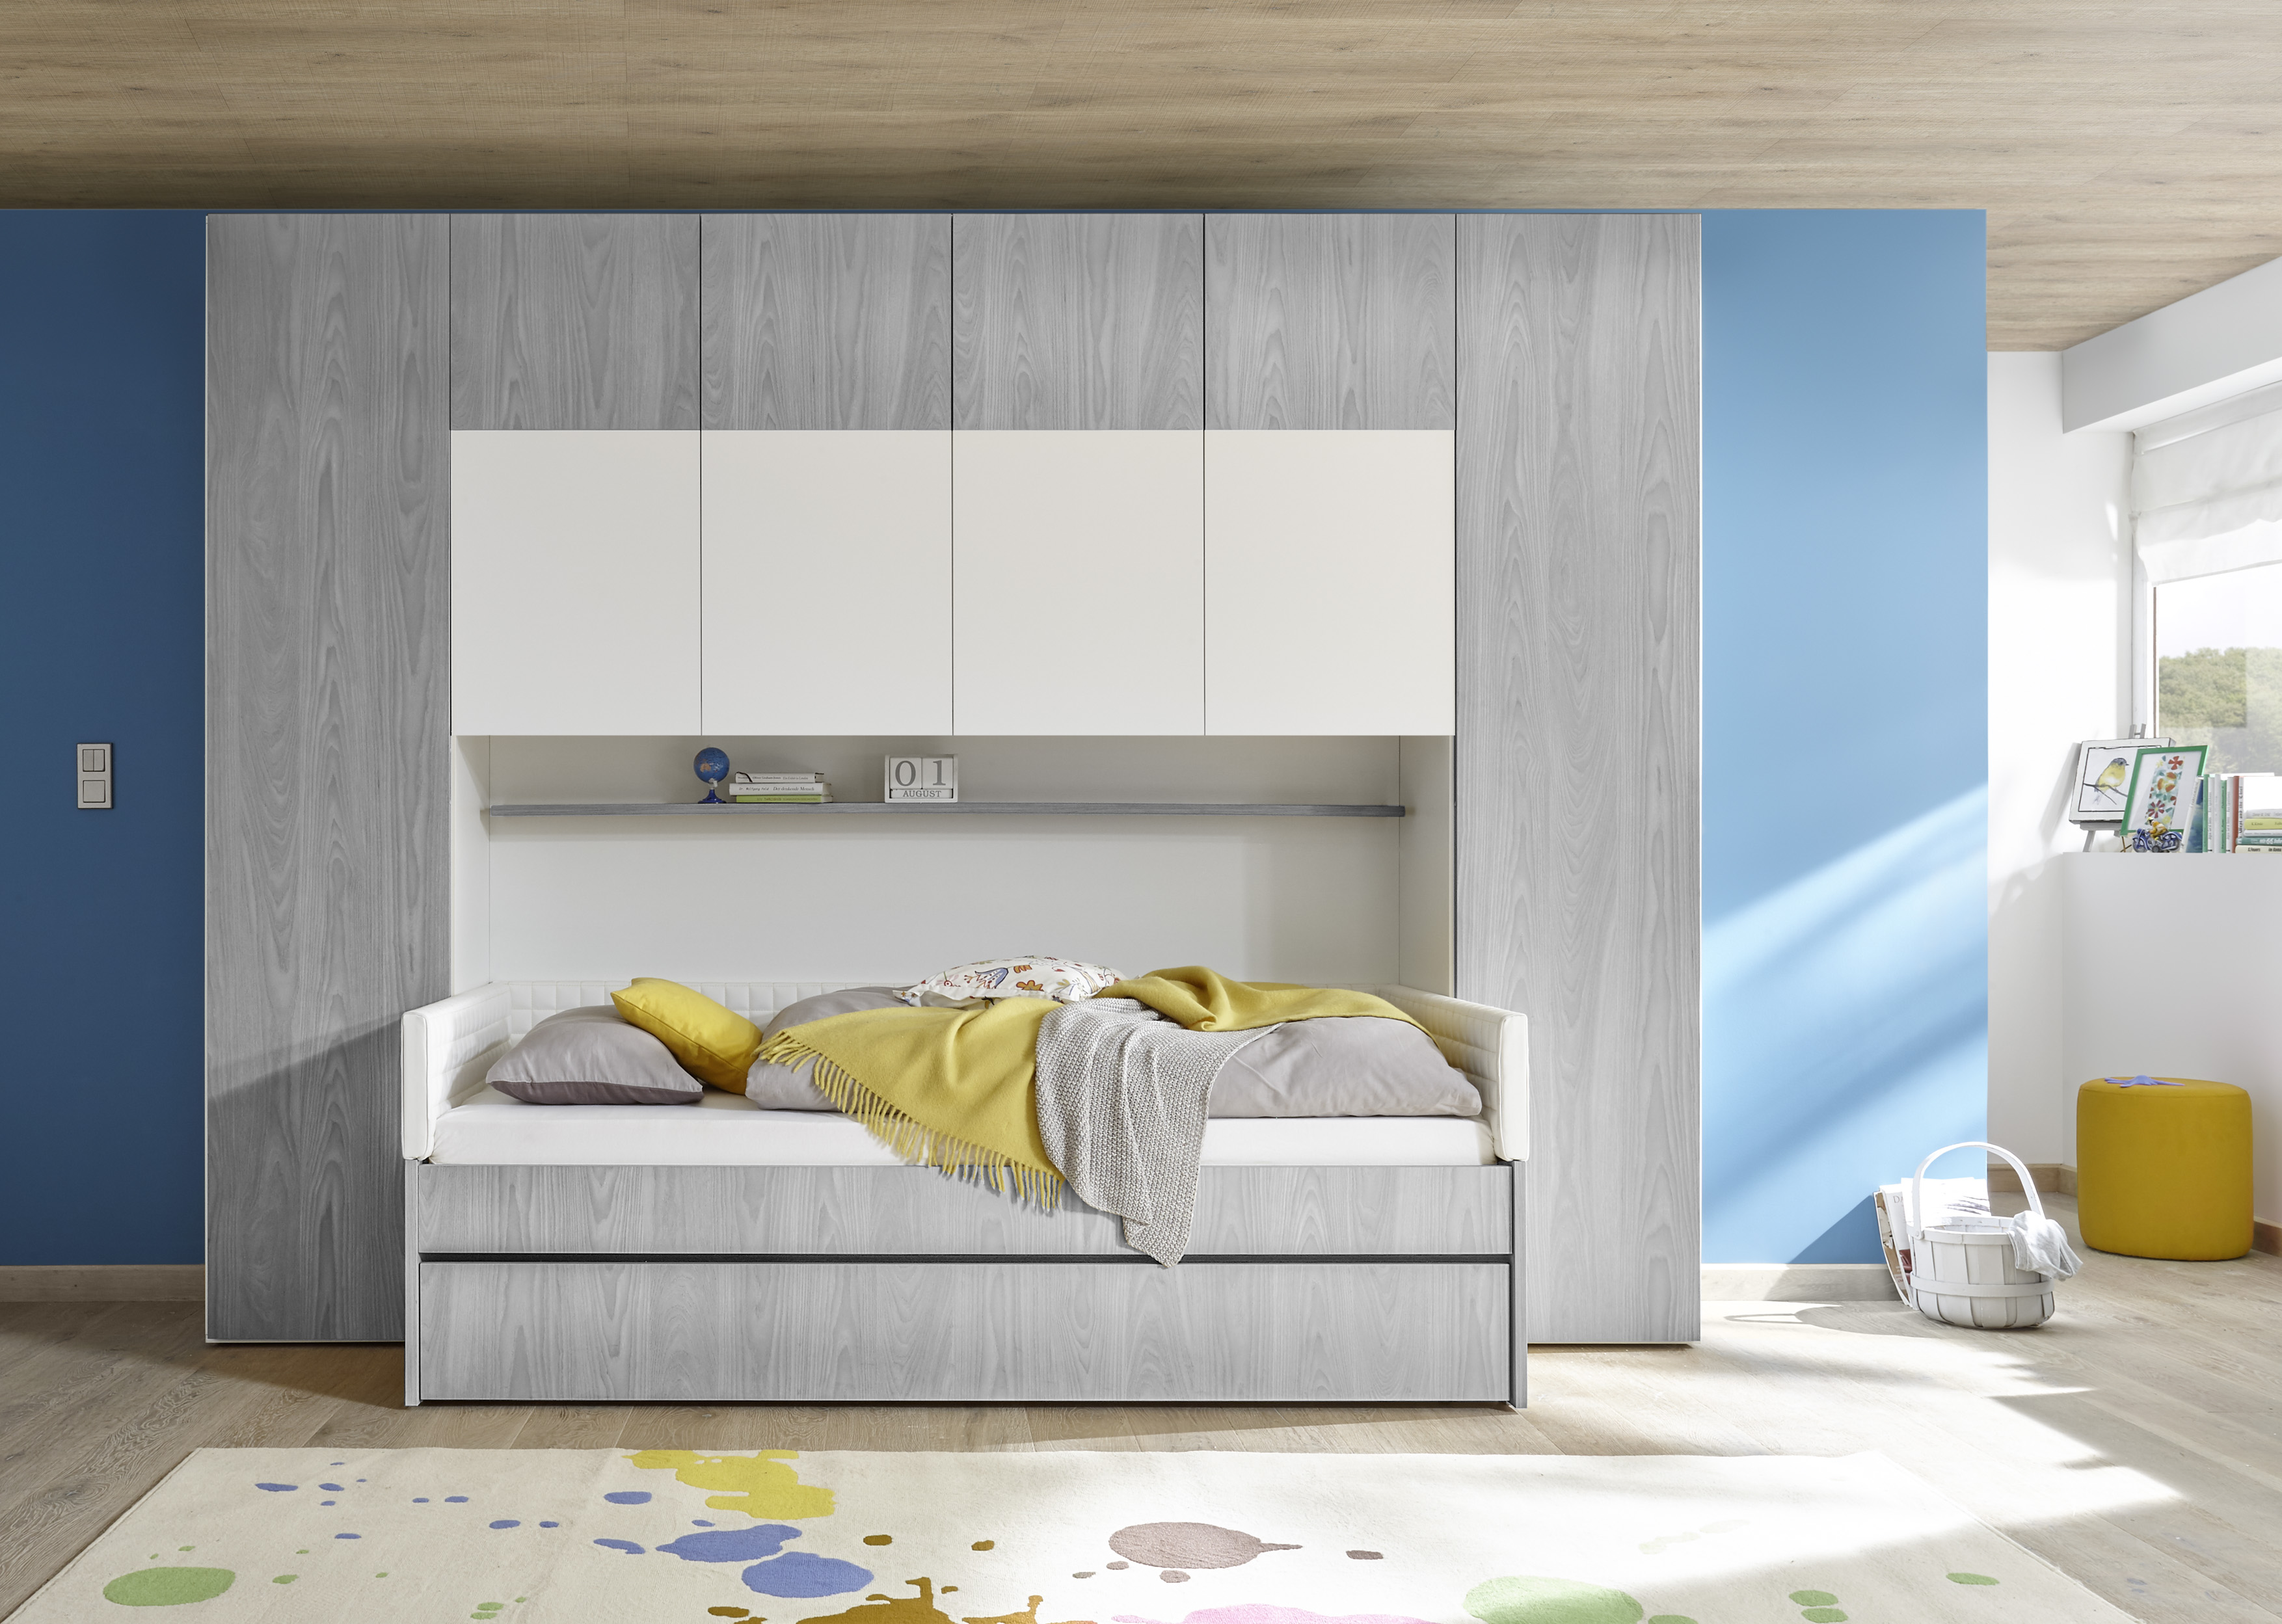 Kinderzimmer Enjoy-it Schrankelement in verschieden Farben ...